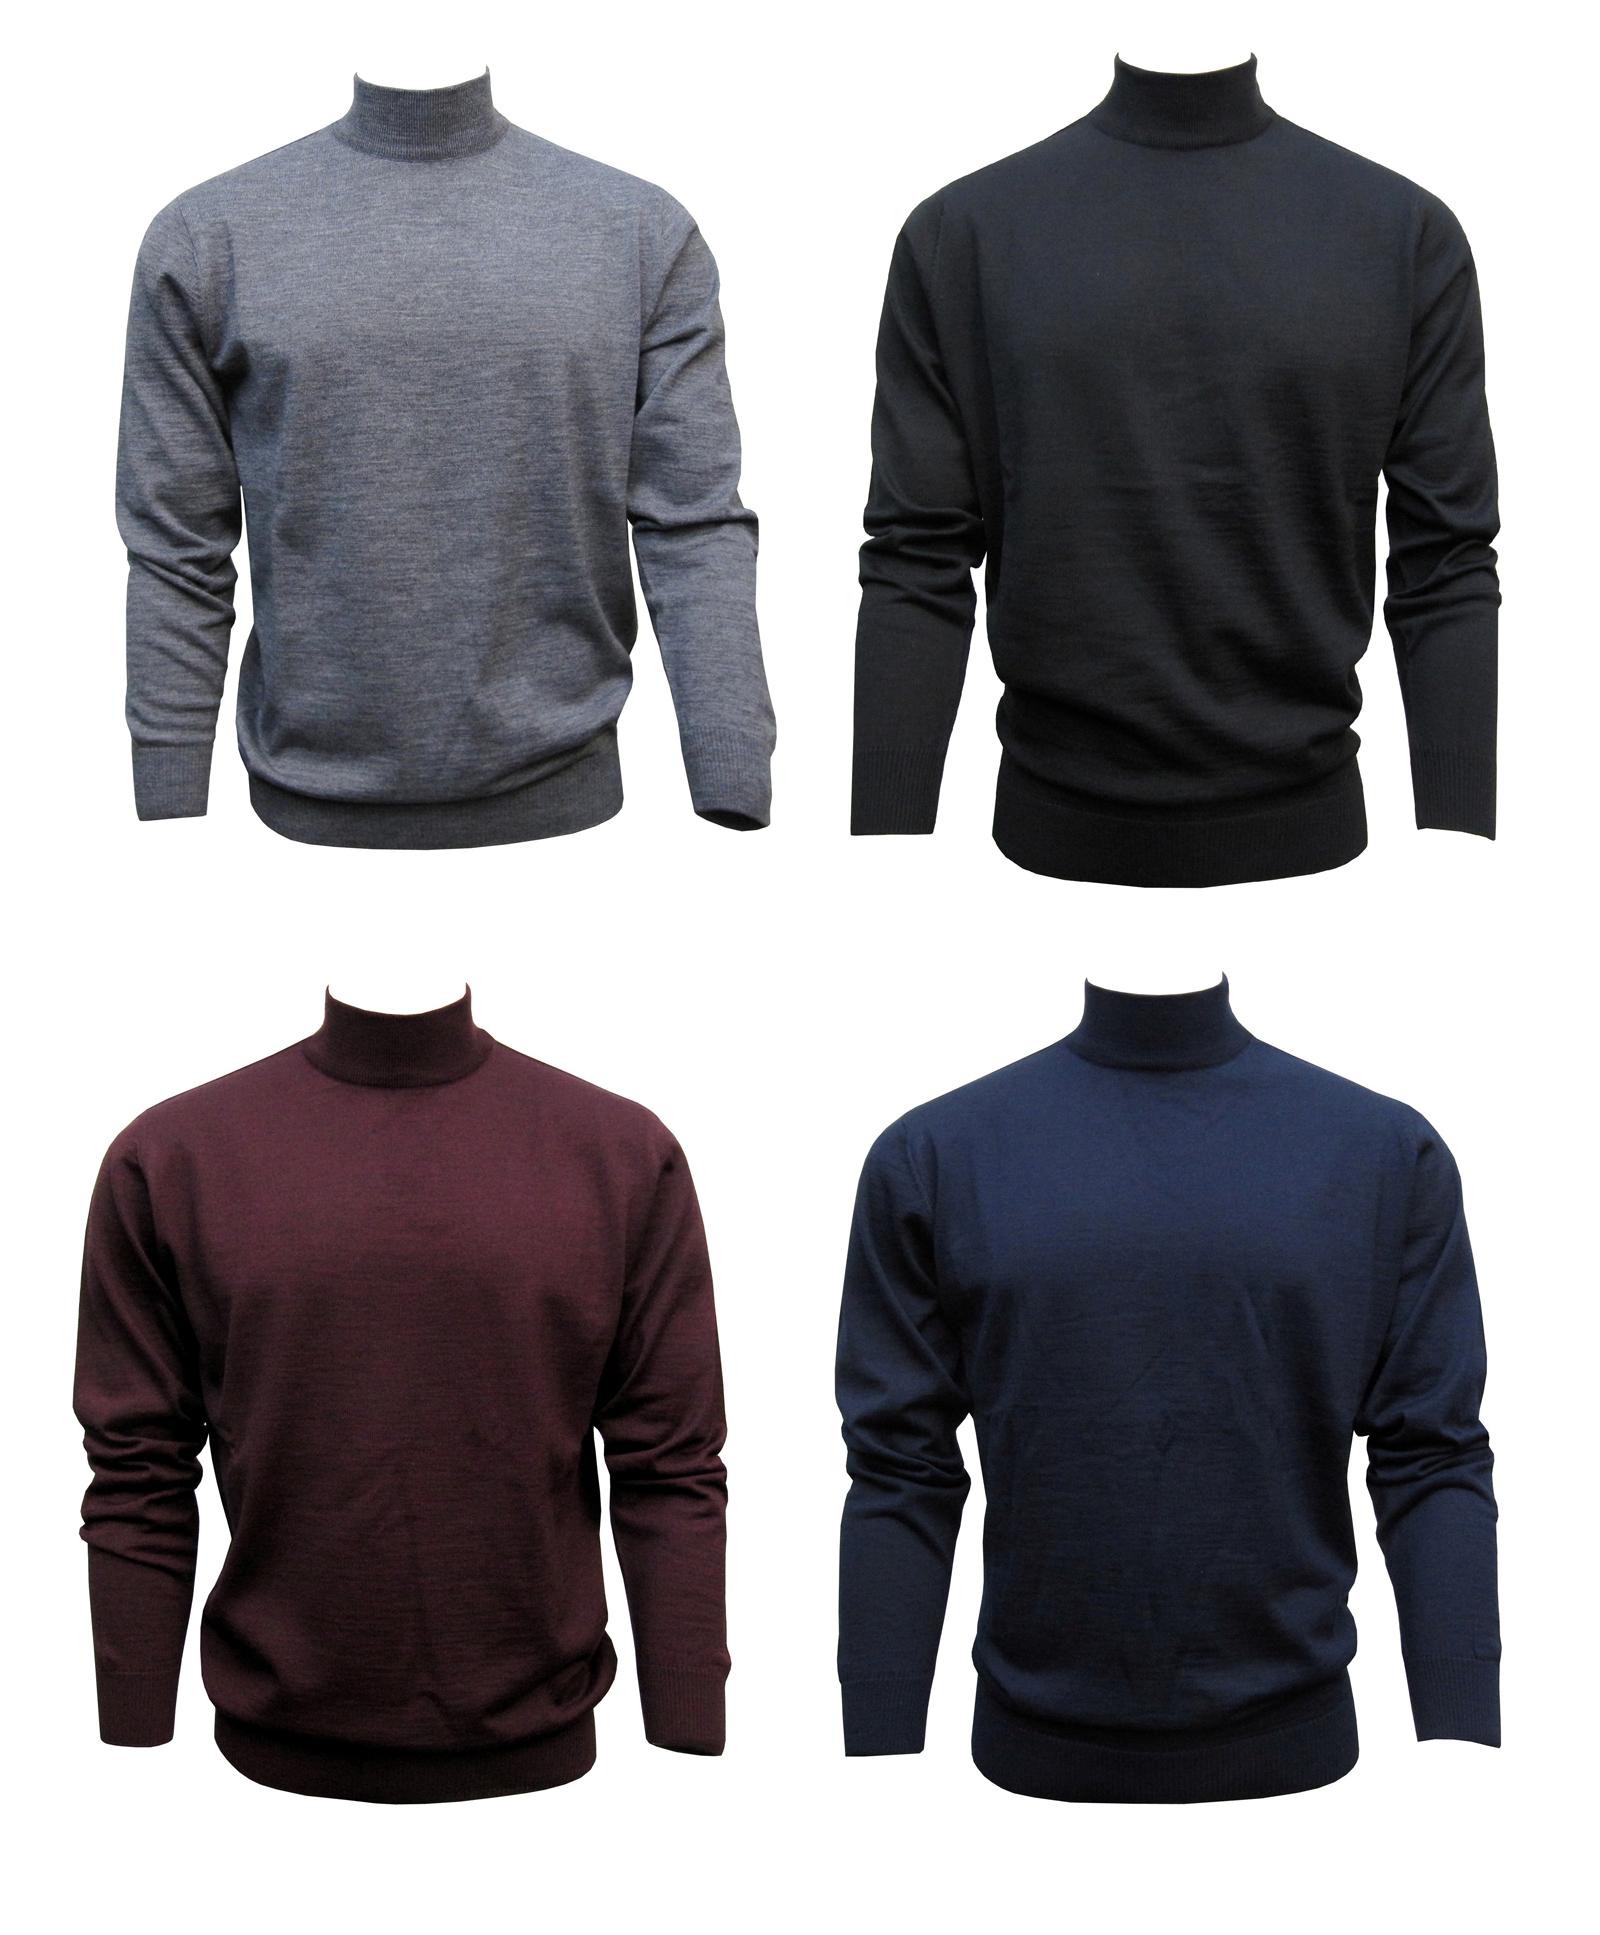 Stehbund Pullover Herren Schwarz, Marine, Dunkelgrau, Bordeaux,